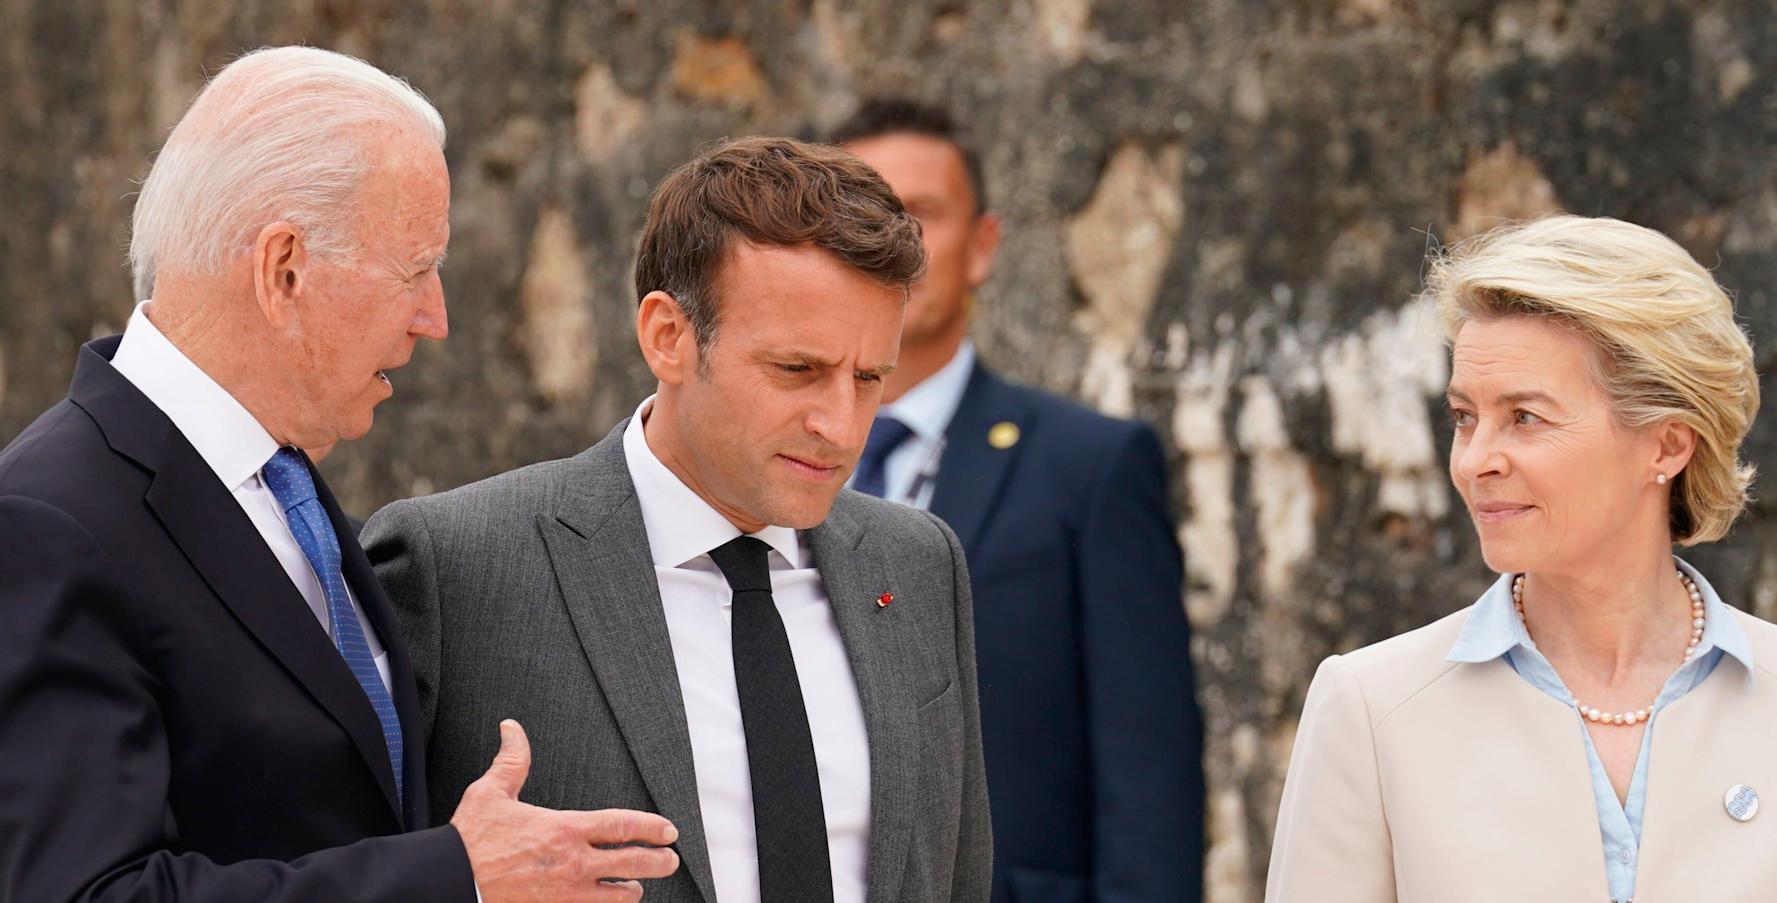 Le président américain Joe Biden avec son homologue français Emmanuel Macron et la président de la Commission européenne Ursula von der Leyen lors du sommet du G7,sur la plage de Carbis Bay, dans les Cornouailles au Royaume-Uni, le 11 juin 2021. (Source : Yahoo)